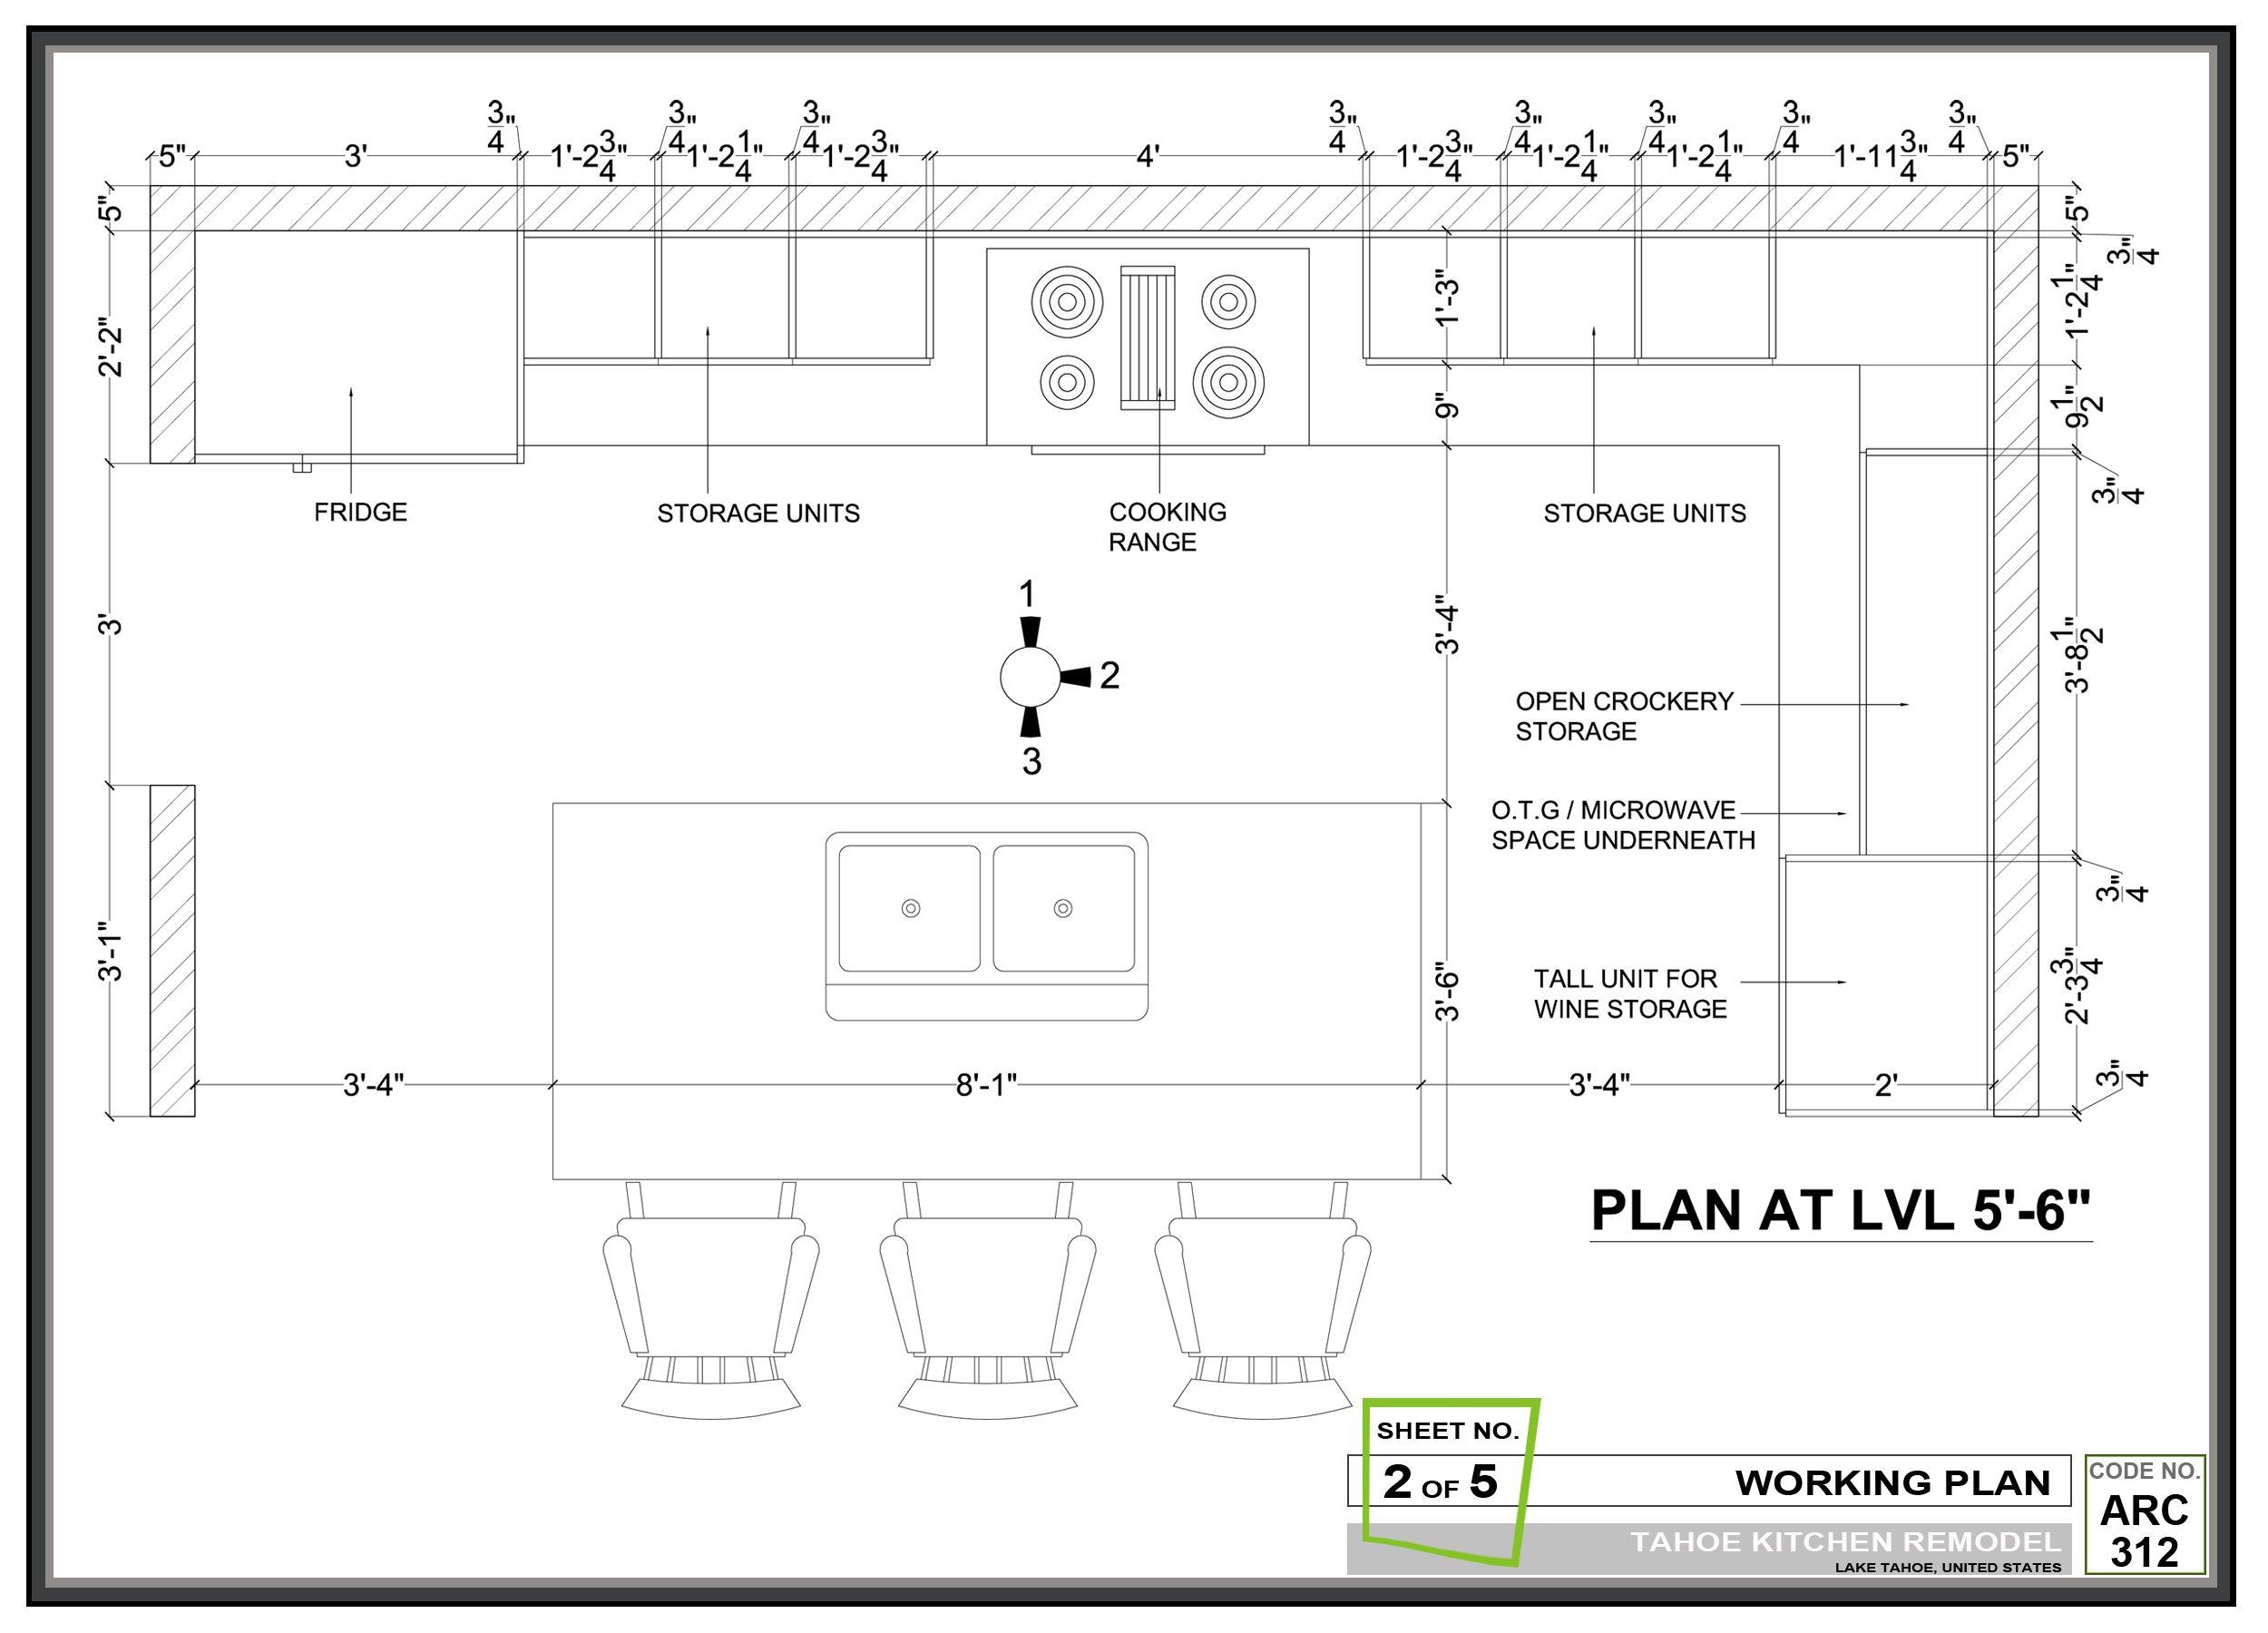 outdoor kitchen plans pdf zitzat com outdoor kitchens pinterest outdoor kitchen plans on outdoor kitchen plans layout id=89604